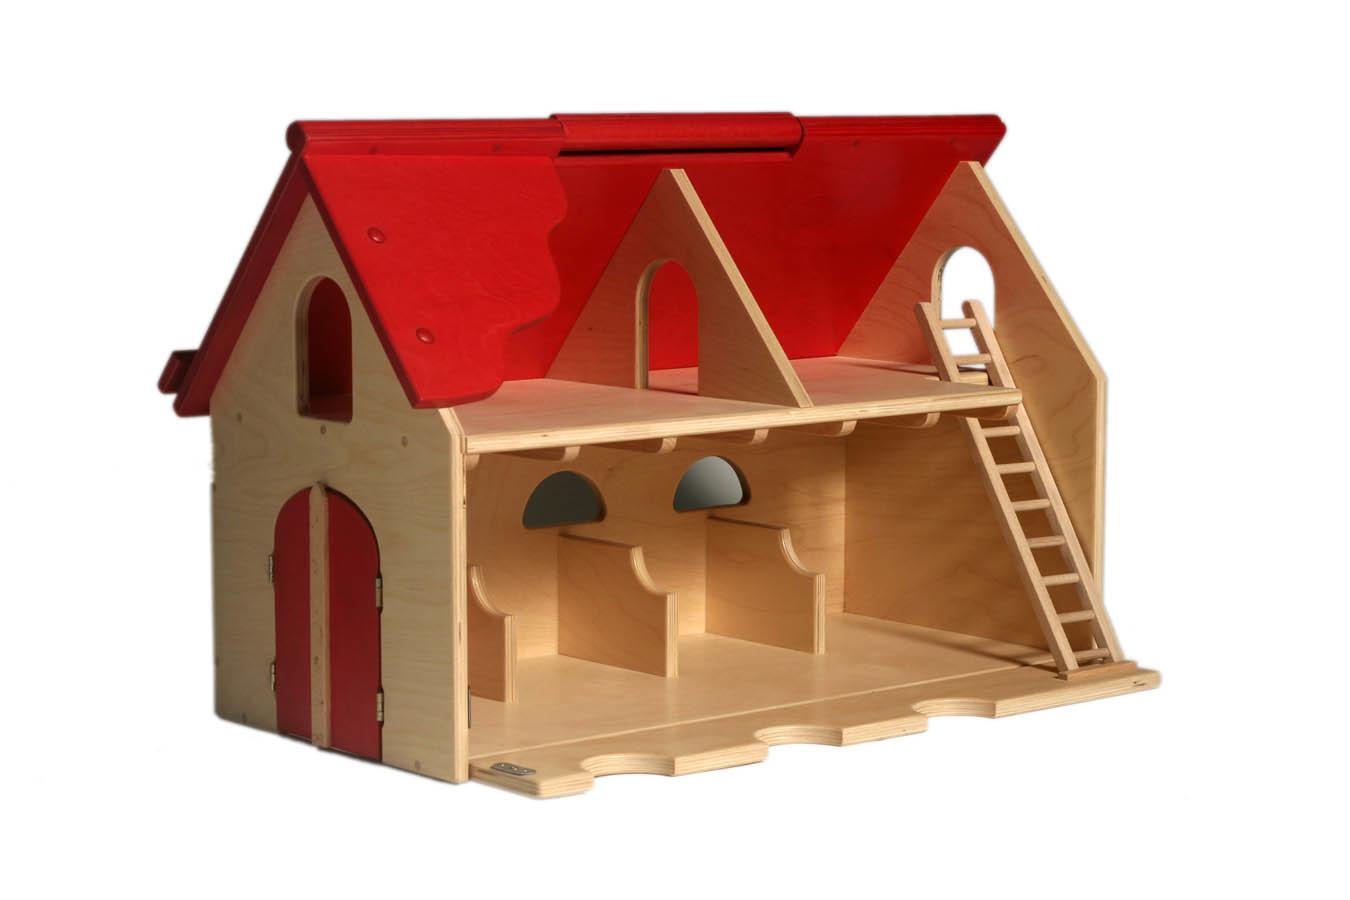 De houten speelgoedboerderij van Van Dijk Toys zorgt gegarandeerd voor uren lang speelpleizer